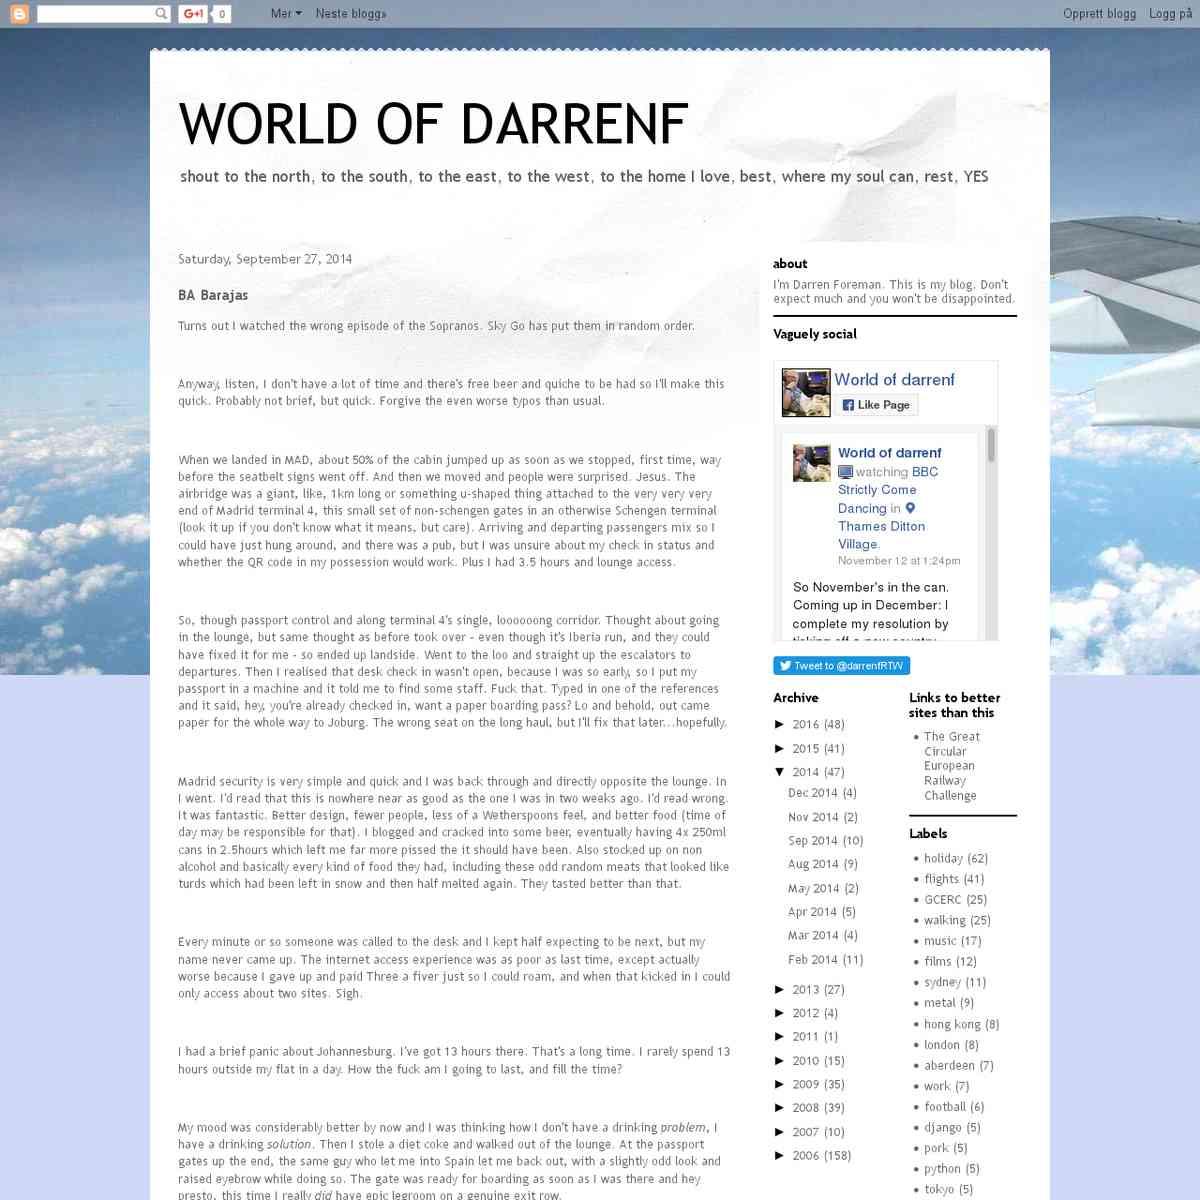 blog.darrenf.org/2014/09/ba-barajas.html